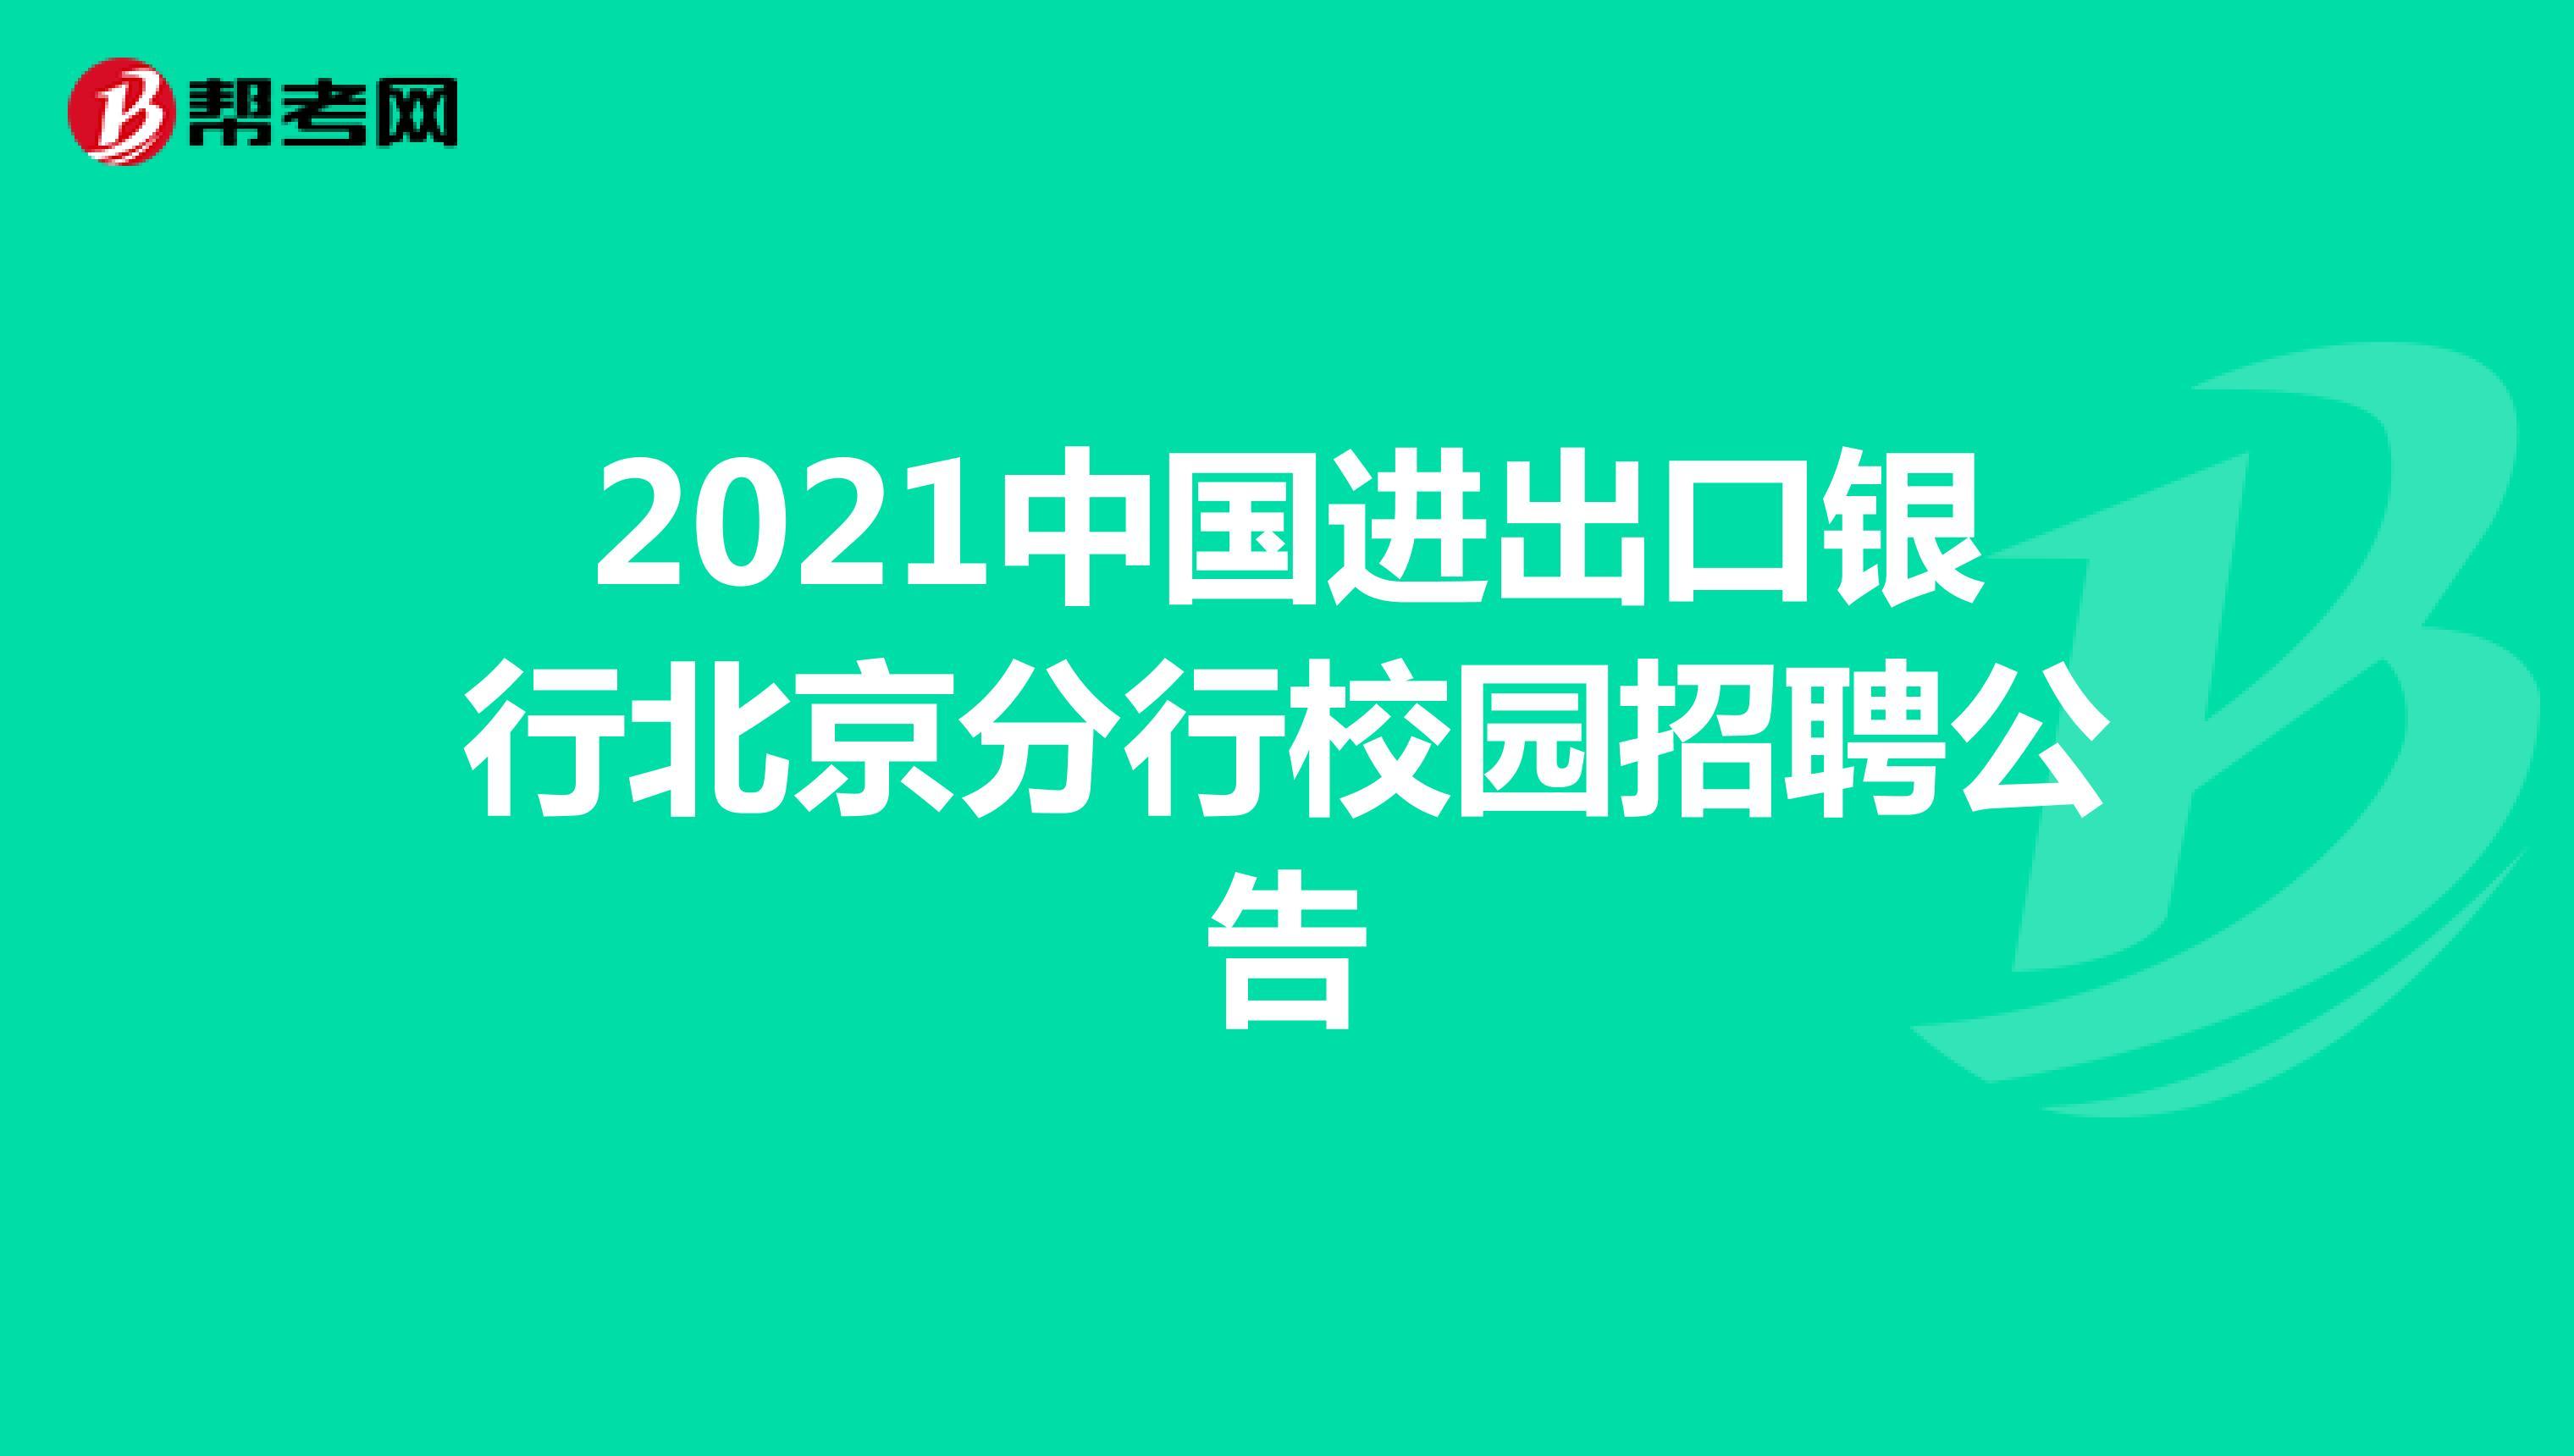 2021中国进出口银行北京分行校园招聘公告